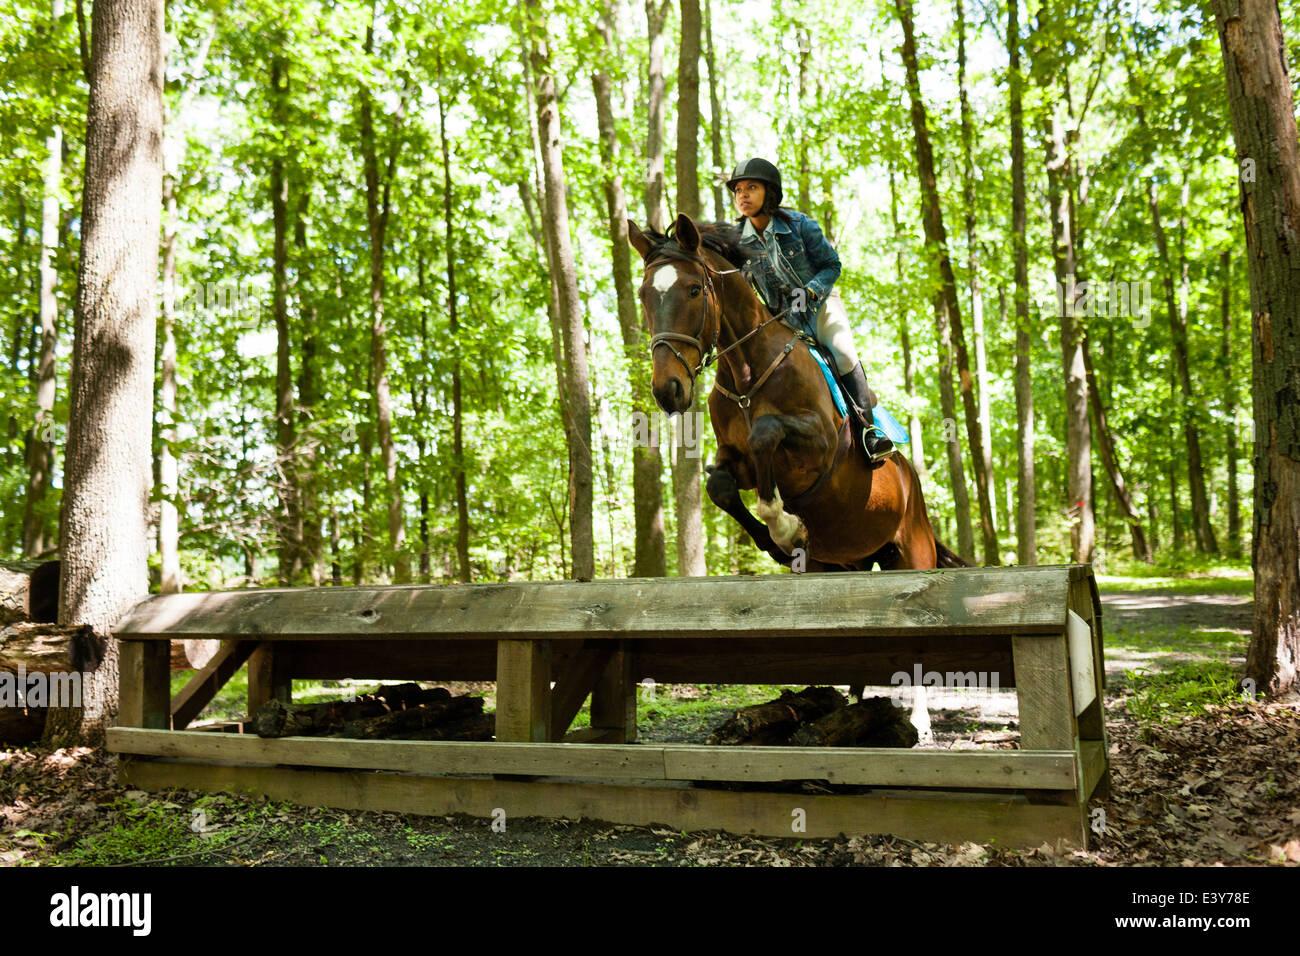 Jinete saltando a caballo. Imagen De Stock